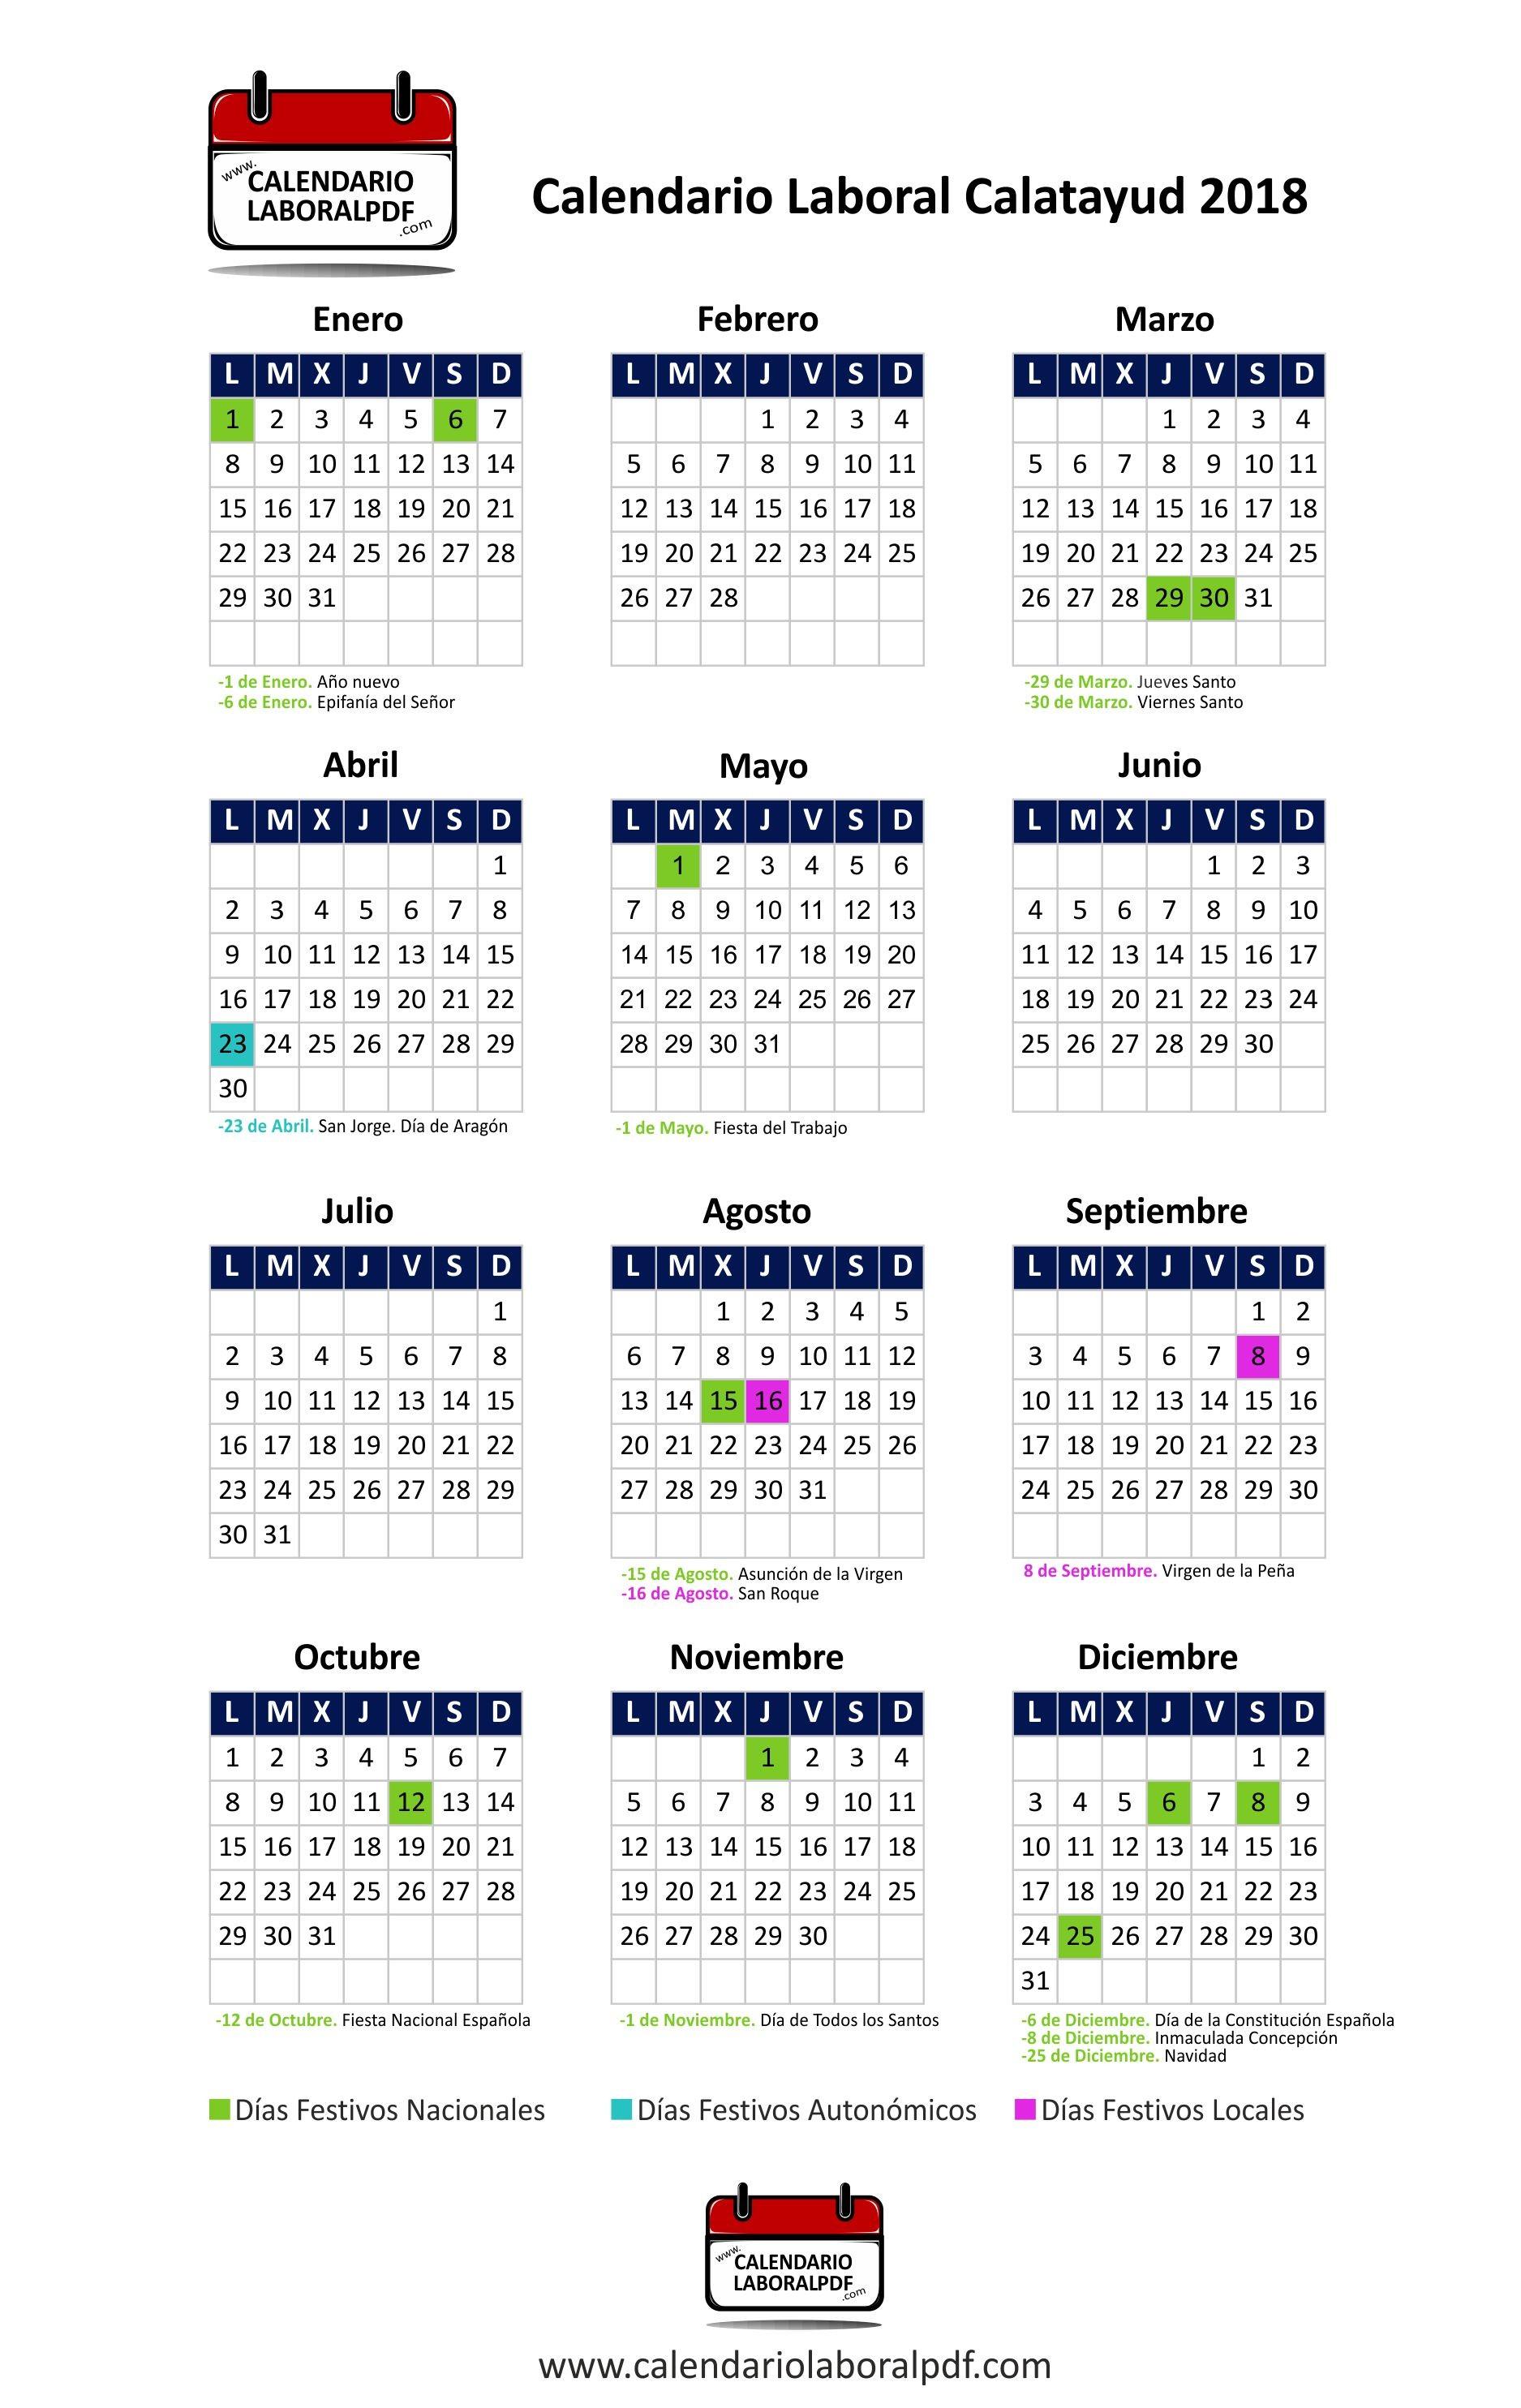 Descarga el Calendario Laboral 2018 de Calatayud en formato pinchando en el siguiente enlace